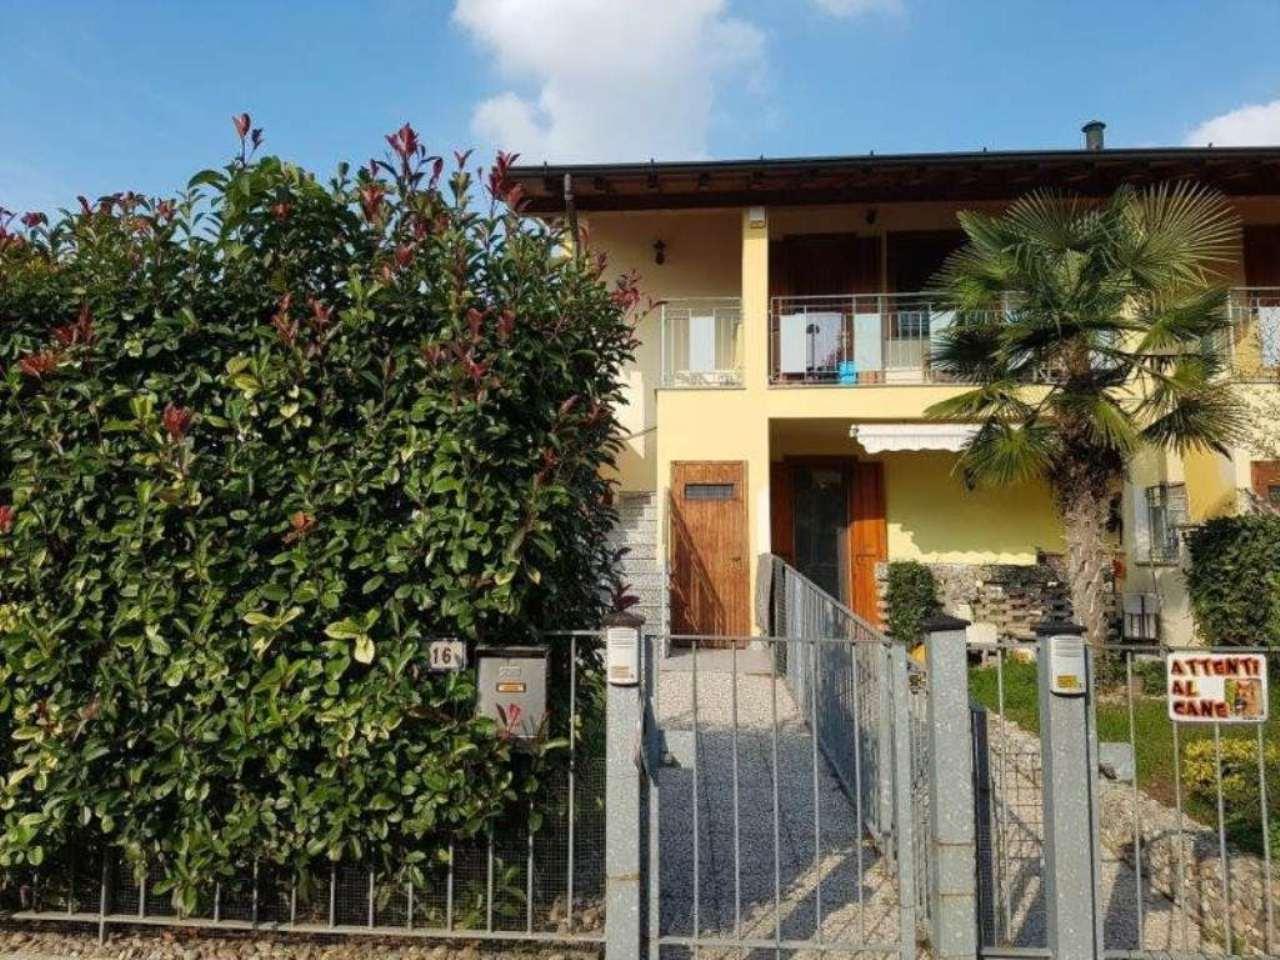 Appartamento in vendita a Montodine, 3 locali, prezzo € 105.000 | CambioCasa.it